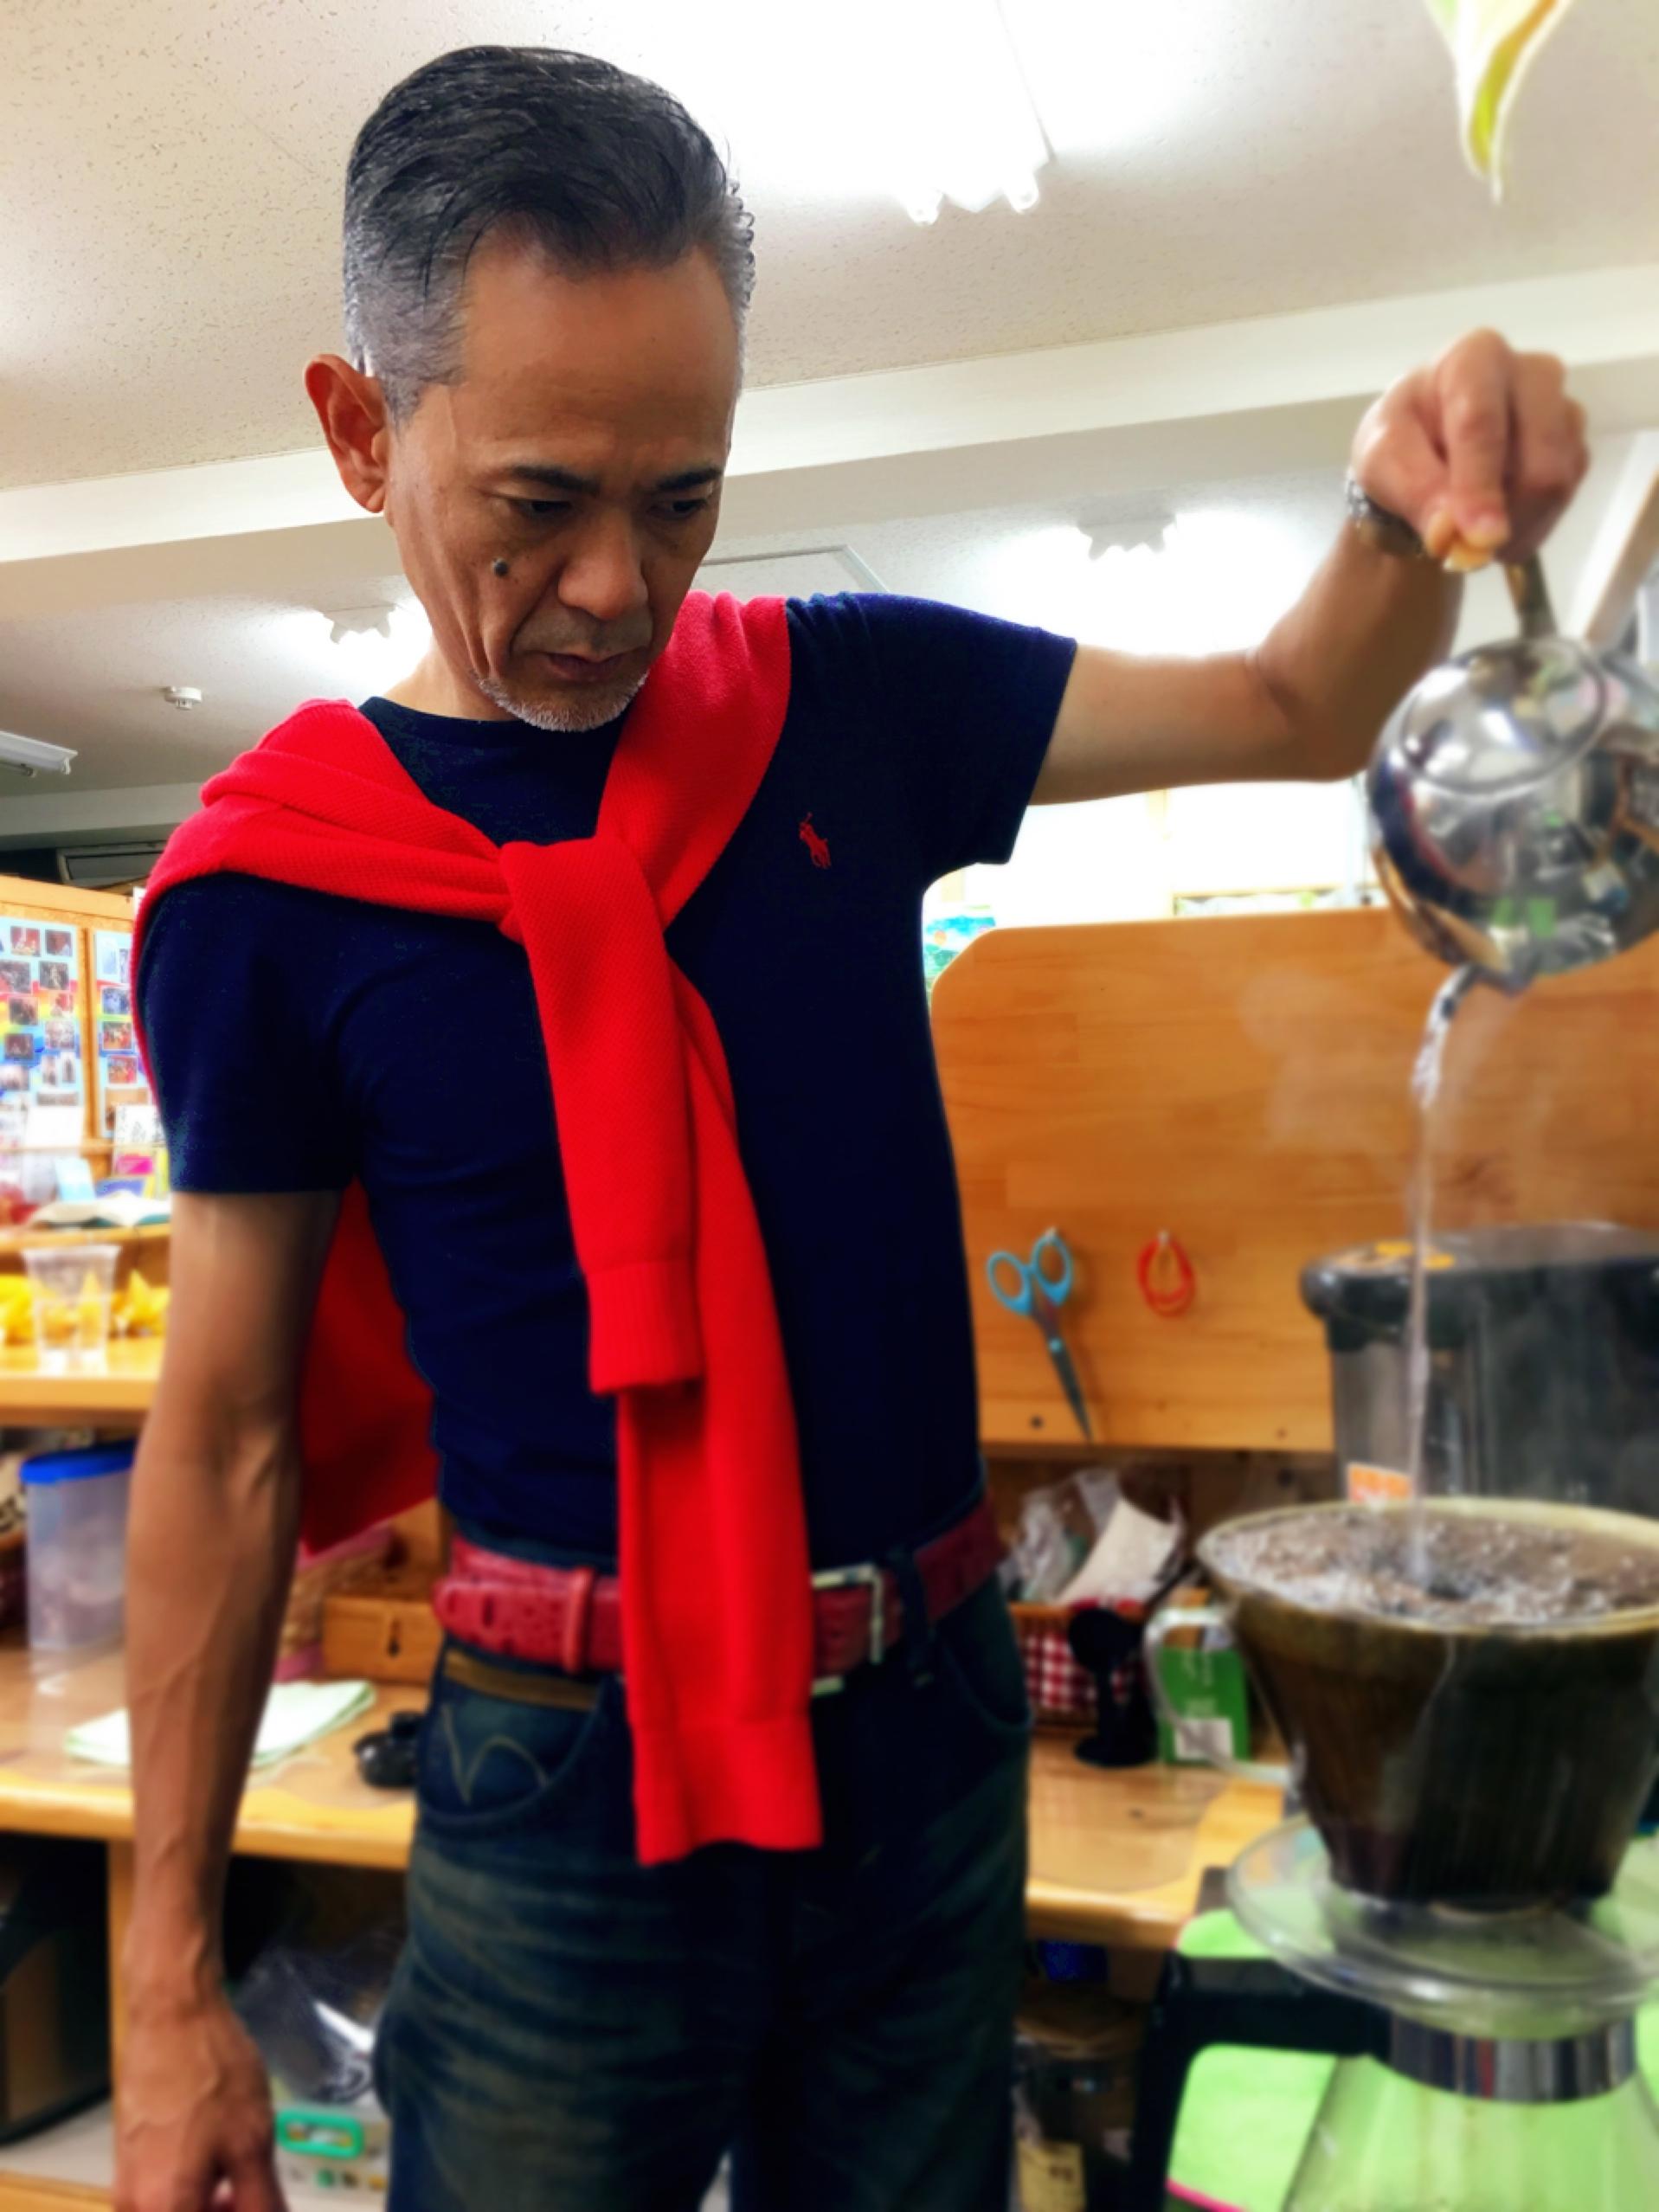 出張から帰ってきて休む間も無く出勤! まずは、コーヒーをいれて、一息つきましょう♡ コーヒーをいれる姿も真剣です。美しい✨ 東京の寒さが嘘の様…?今日の沖縄は半袖で過ごせます?